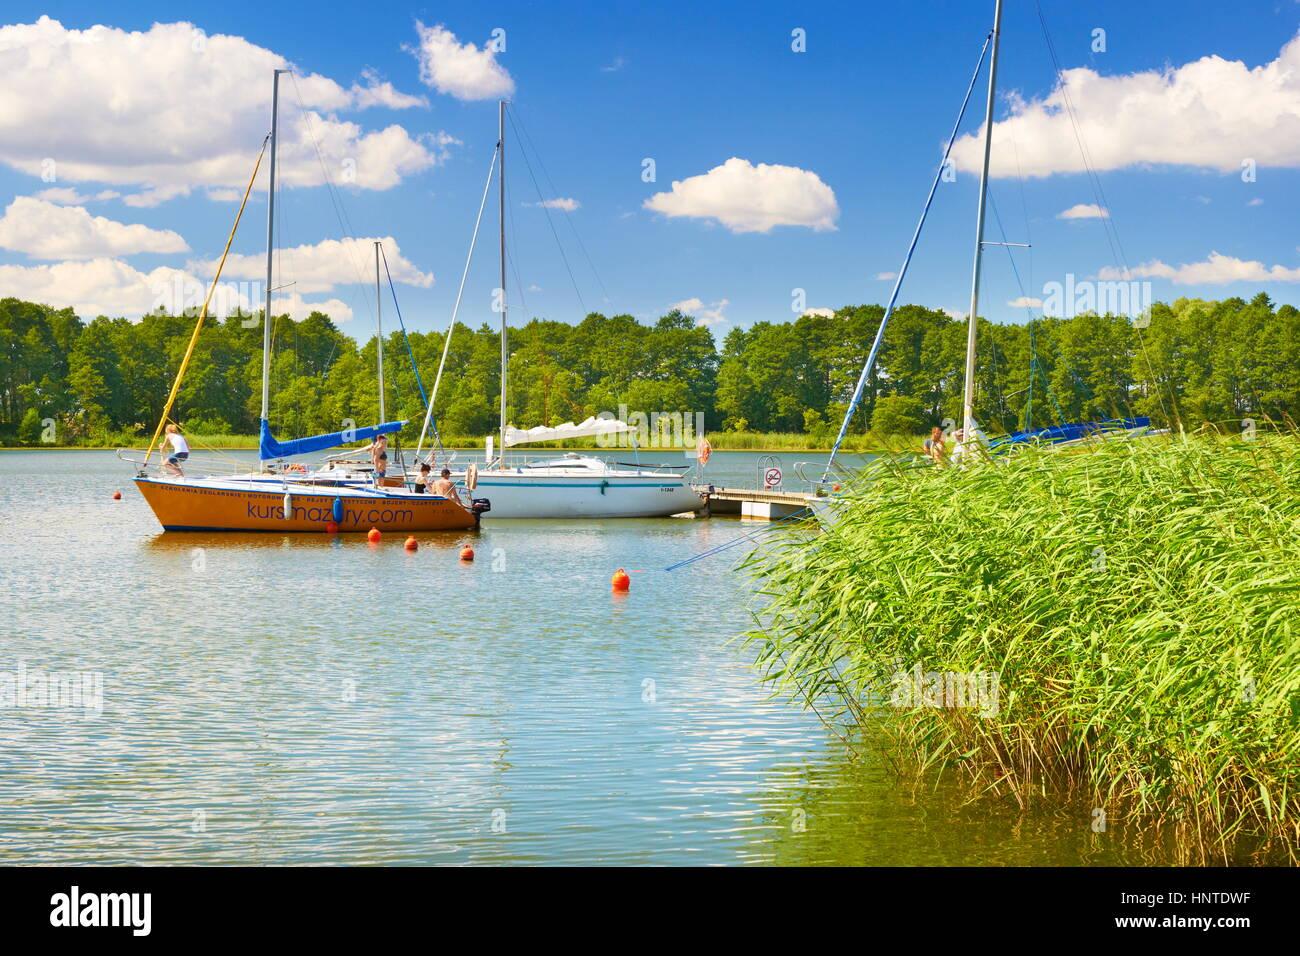 Veleros en el lago Sztynort, región de Masuria, en Polonia, Europa Imagen De Stock